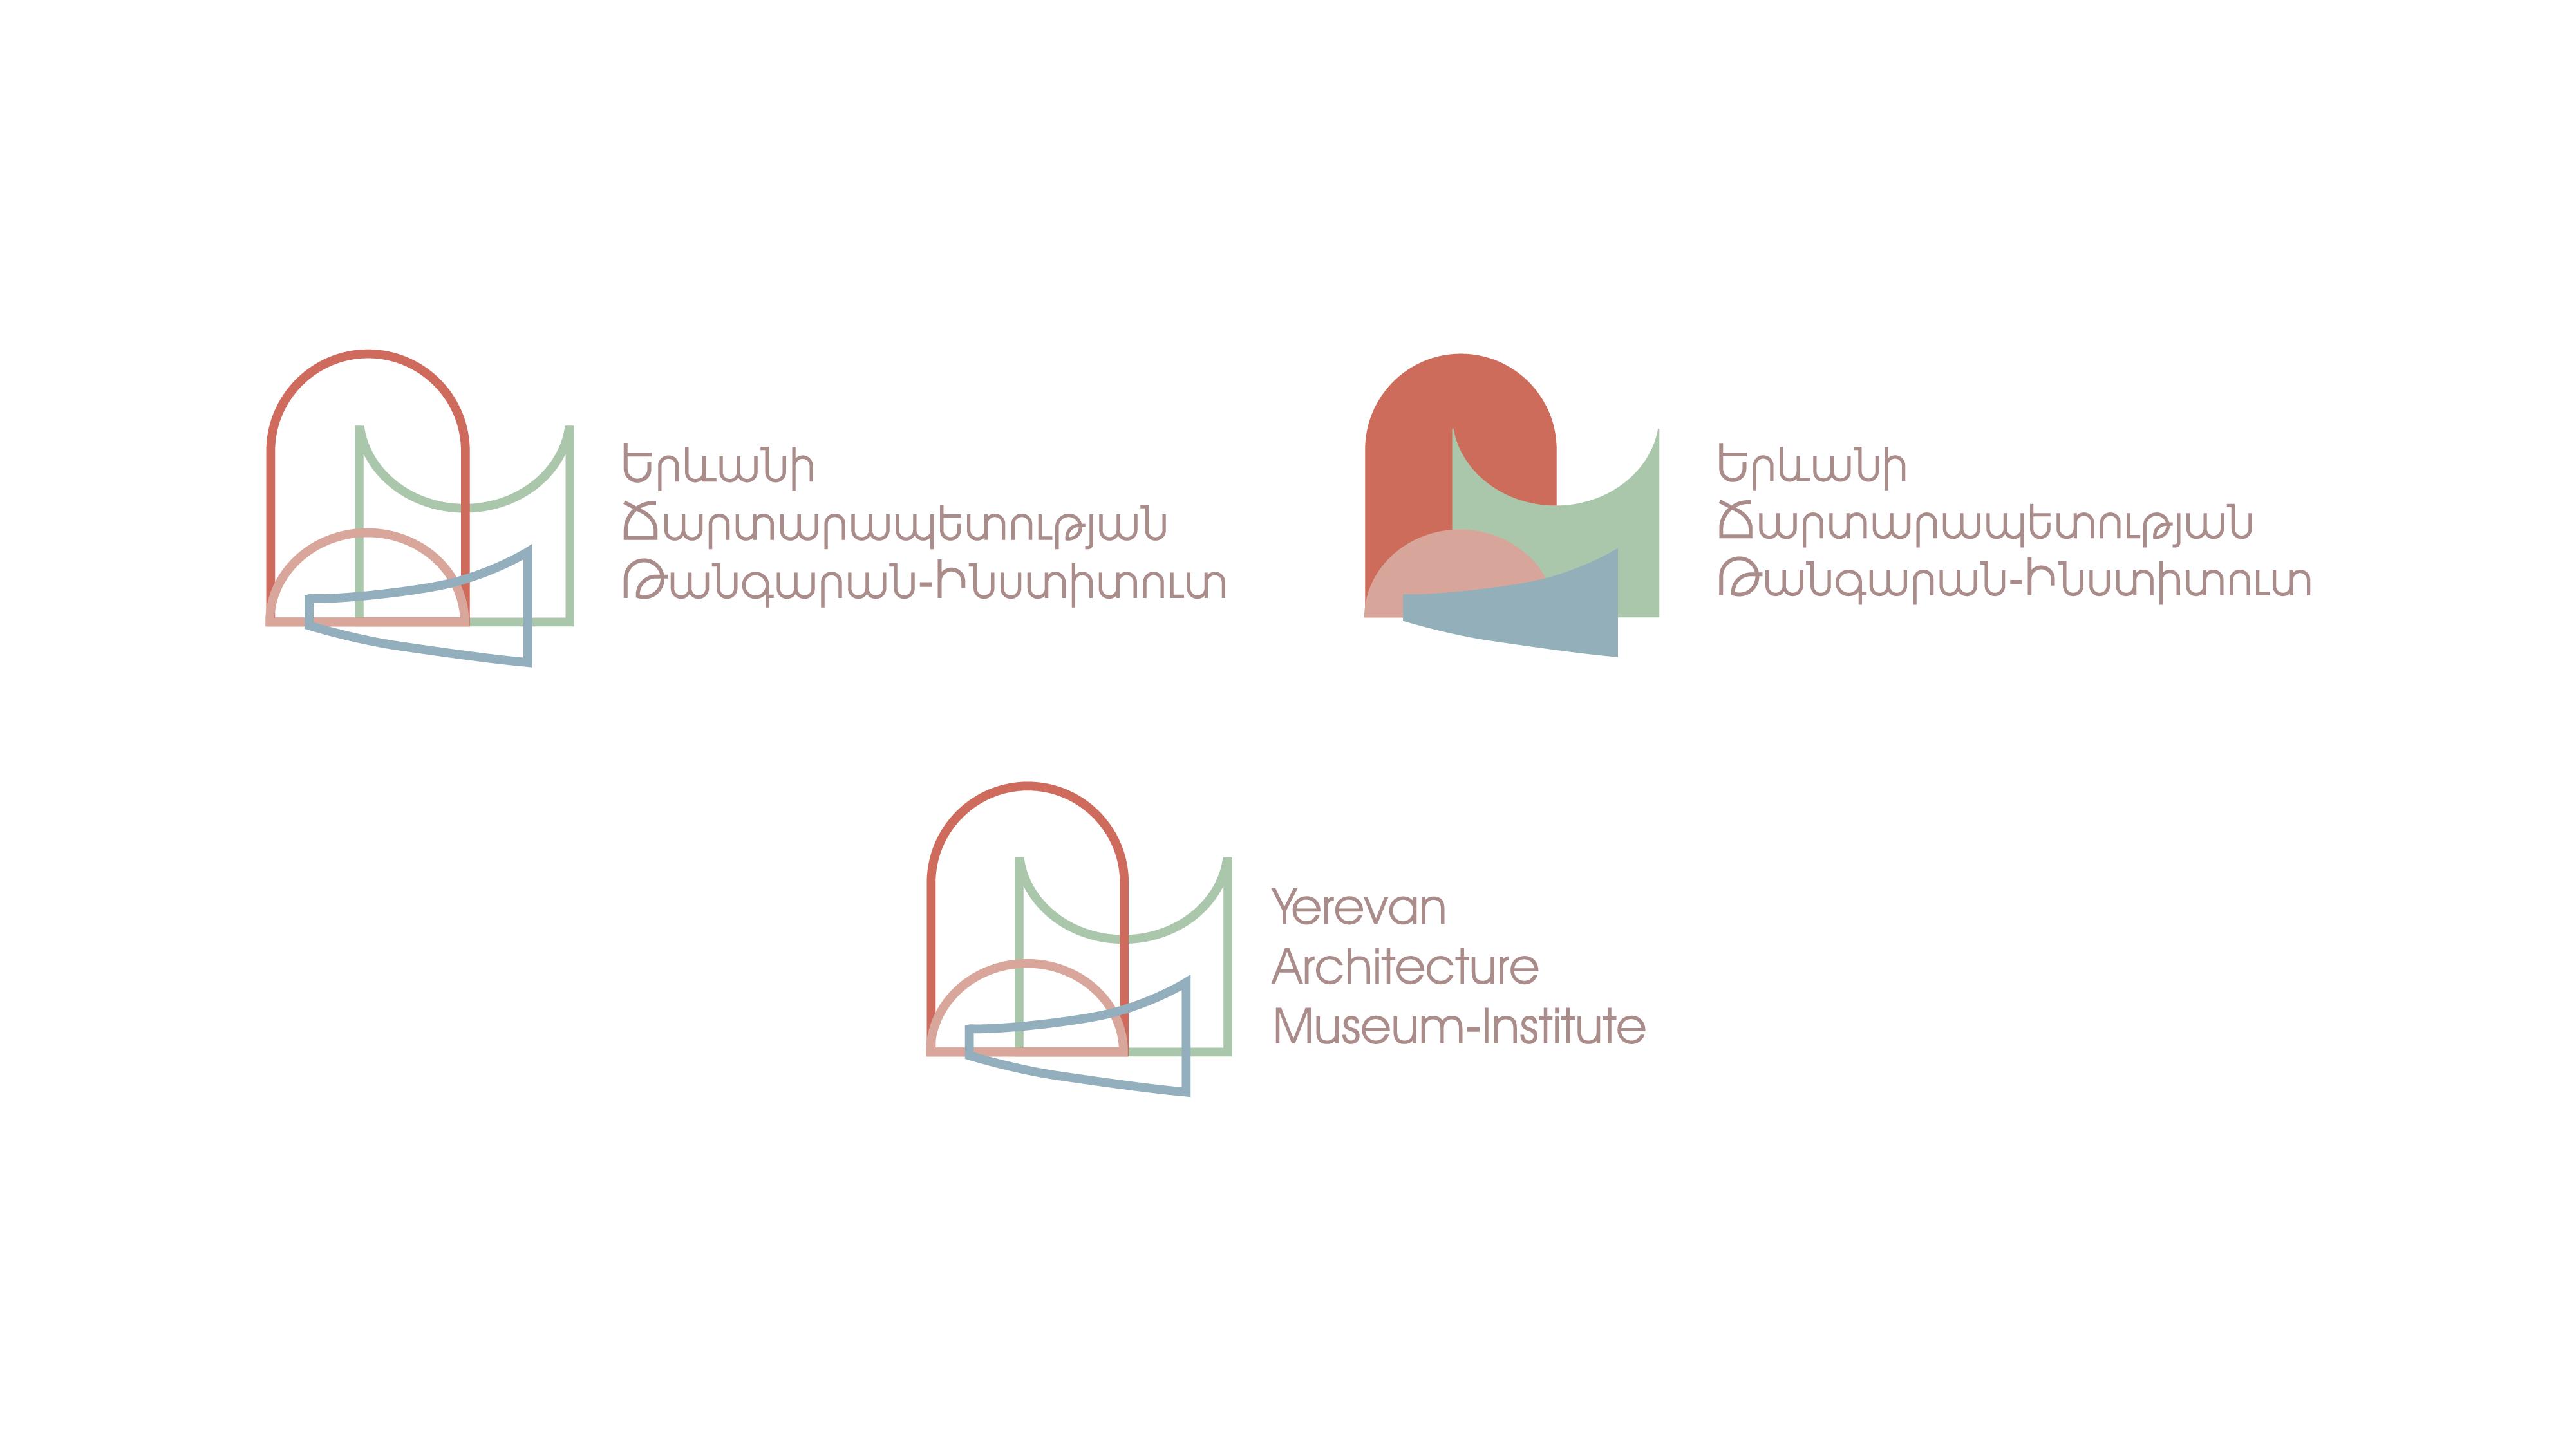 nelly ordyan 02 - Գրաֆիկական դիզայն